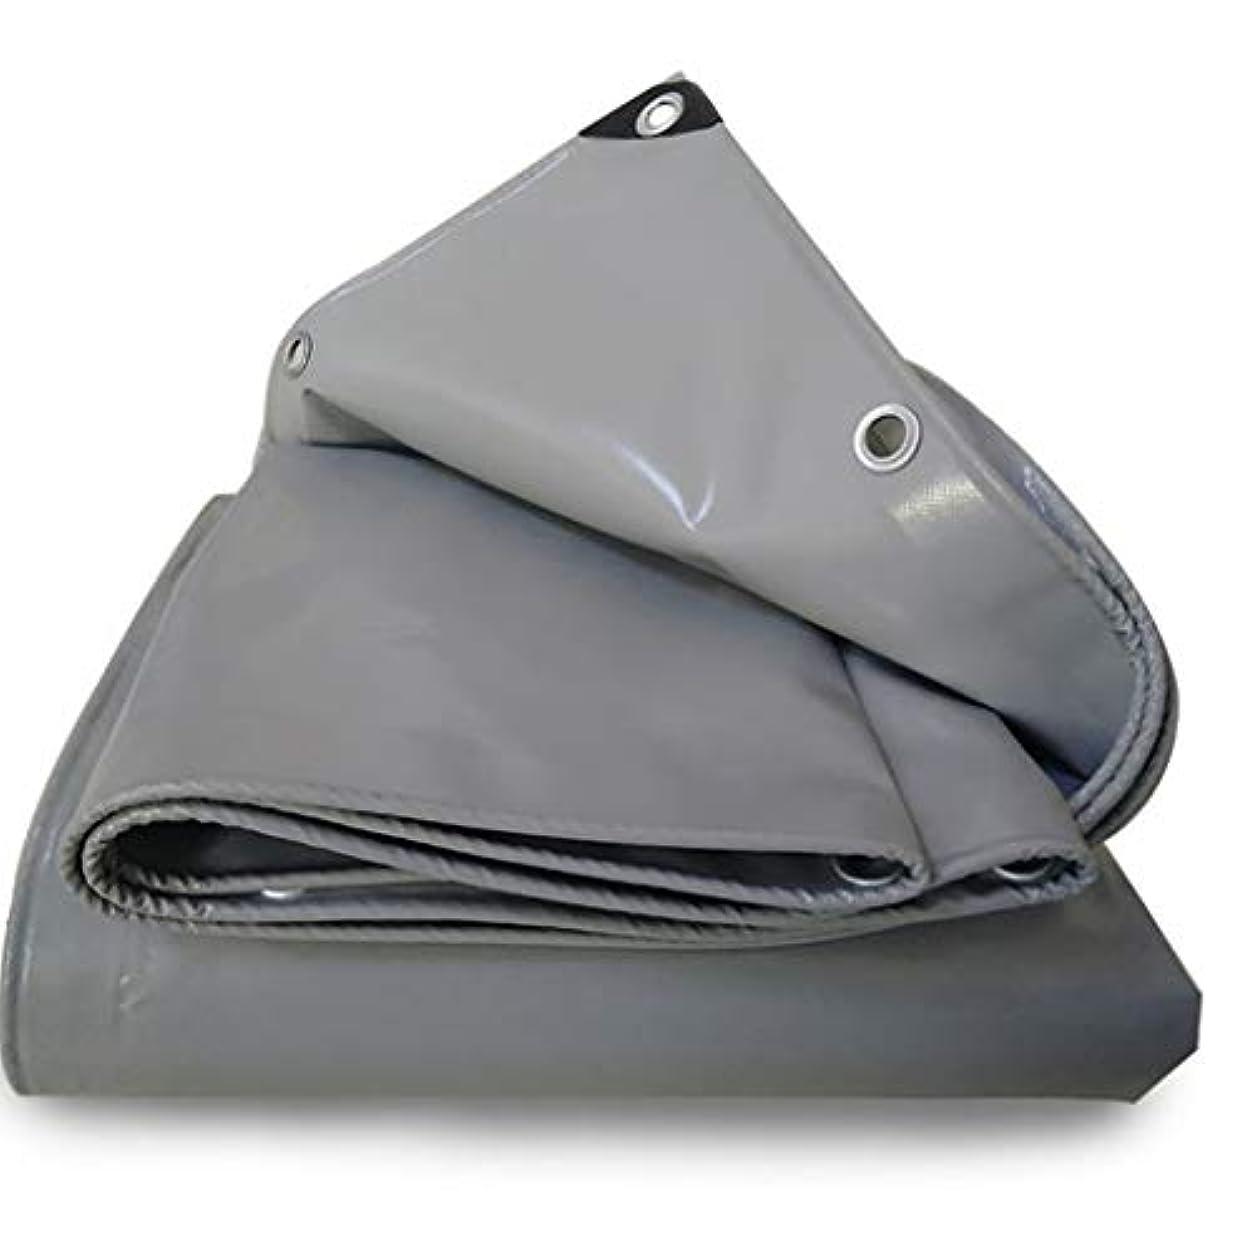 葉を集めるブラケット咲くタープ 防水シートカバー付きアイレットプラスサイズ、日焼け止め防水シートカーテンコンパクトルーフスムース、グレー テント (Color : Gray, Size : 6×7M)